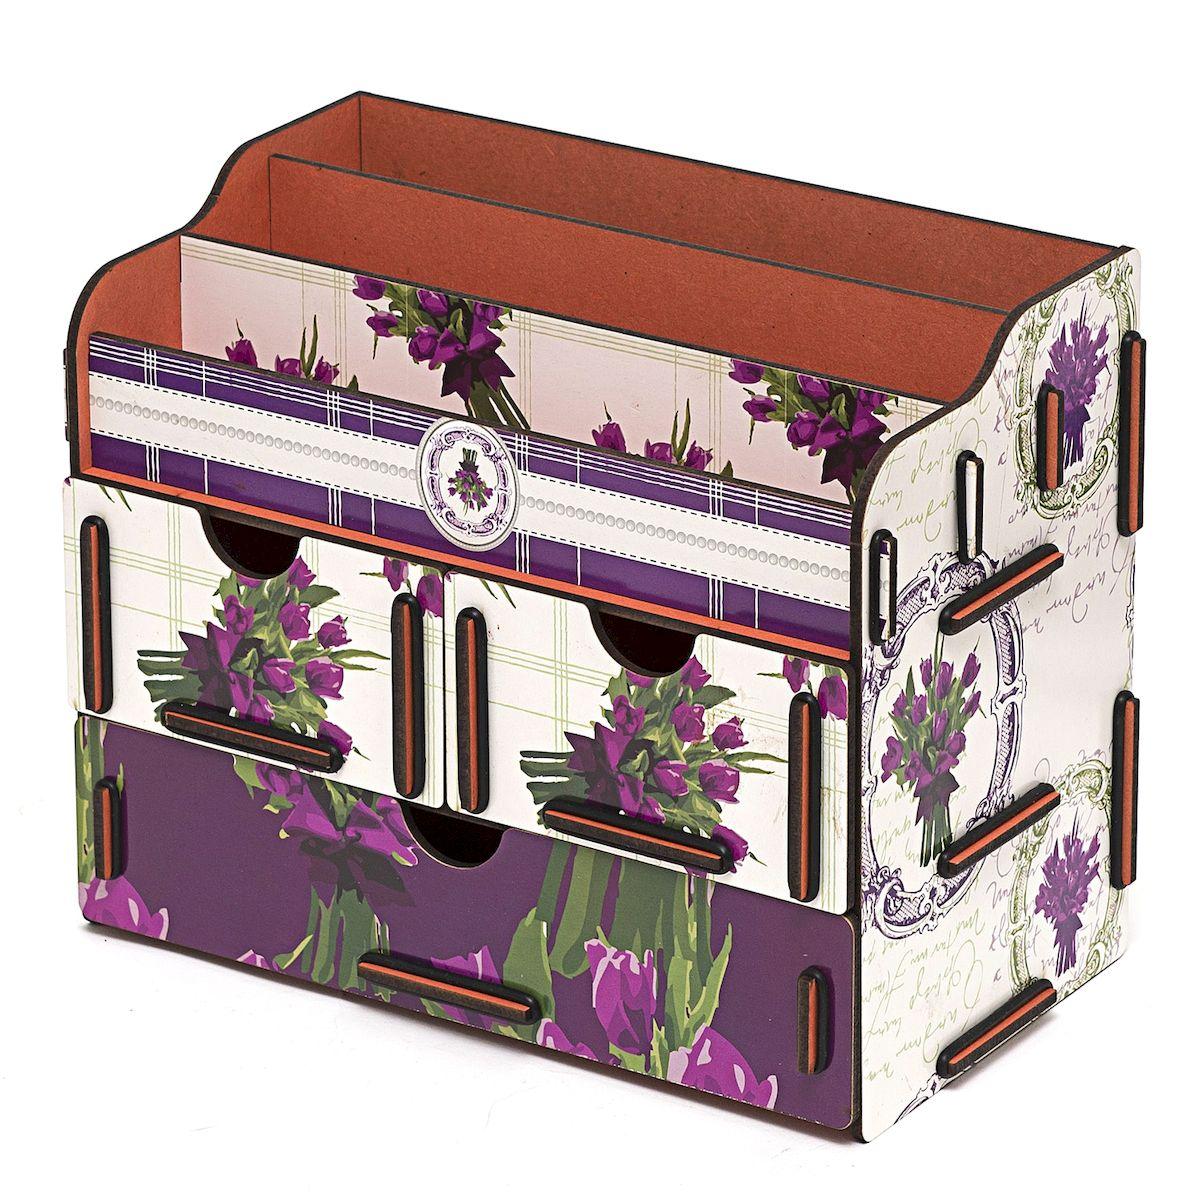 Органайзер для косметики и украшений Hosmu Весна, 24 x 14 x 19 смU210DFНастольный органайзер Homsu Весна выполнен из МДФ и собирается из съемных деталей. Изделие подходит для косметики и украшений. Органайзер имеет 3 выдвижных ящичка и 3 секции для хранения косметики, парфюмерии и аксессуаров, его можно поставить на столе, он станет отличным дополнением интерьера. Изделие позволяет разместить все самое необходимое для женщины и всегда иметь это под рукой. Размер малого ящика: 11 х 14,5 см.Размер большого ящика: 22 х 14,5 см.